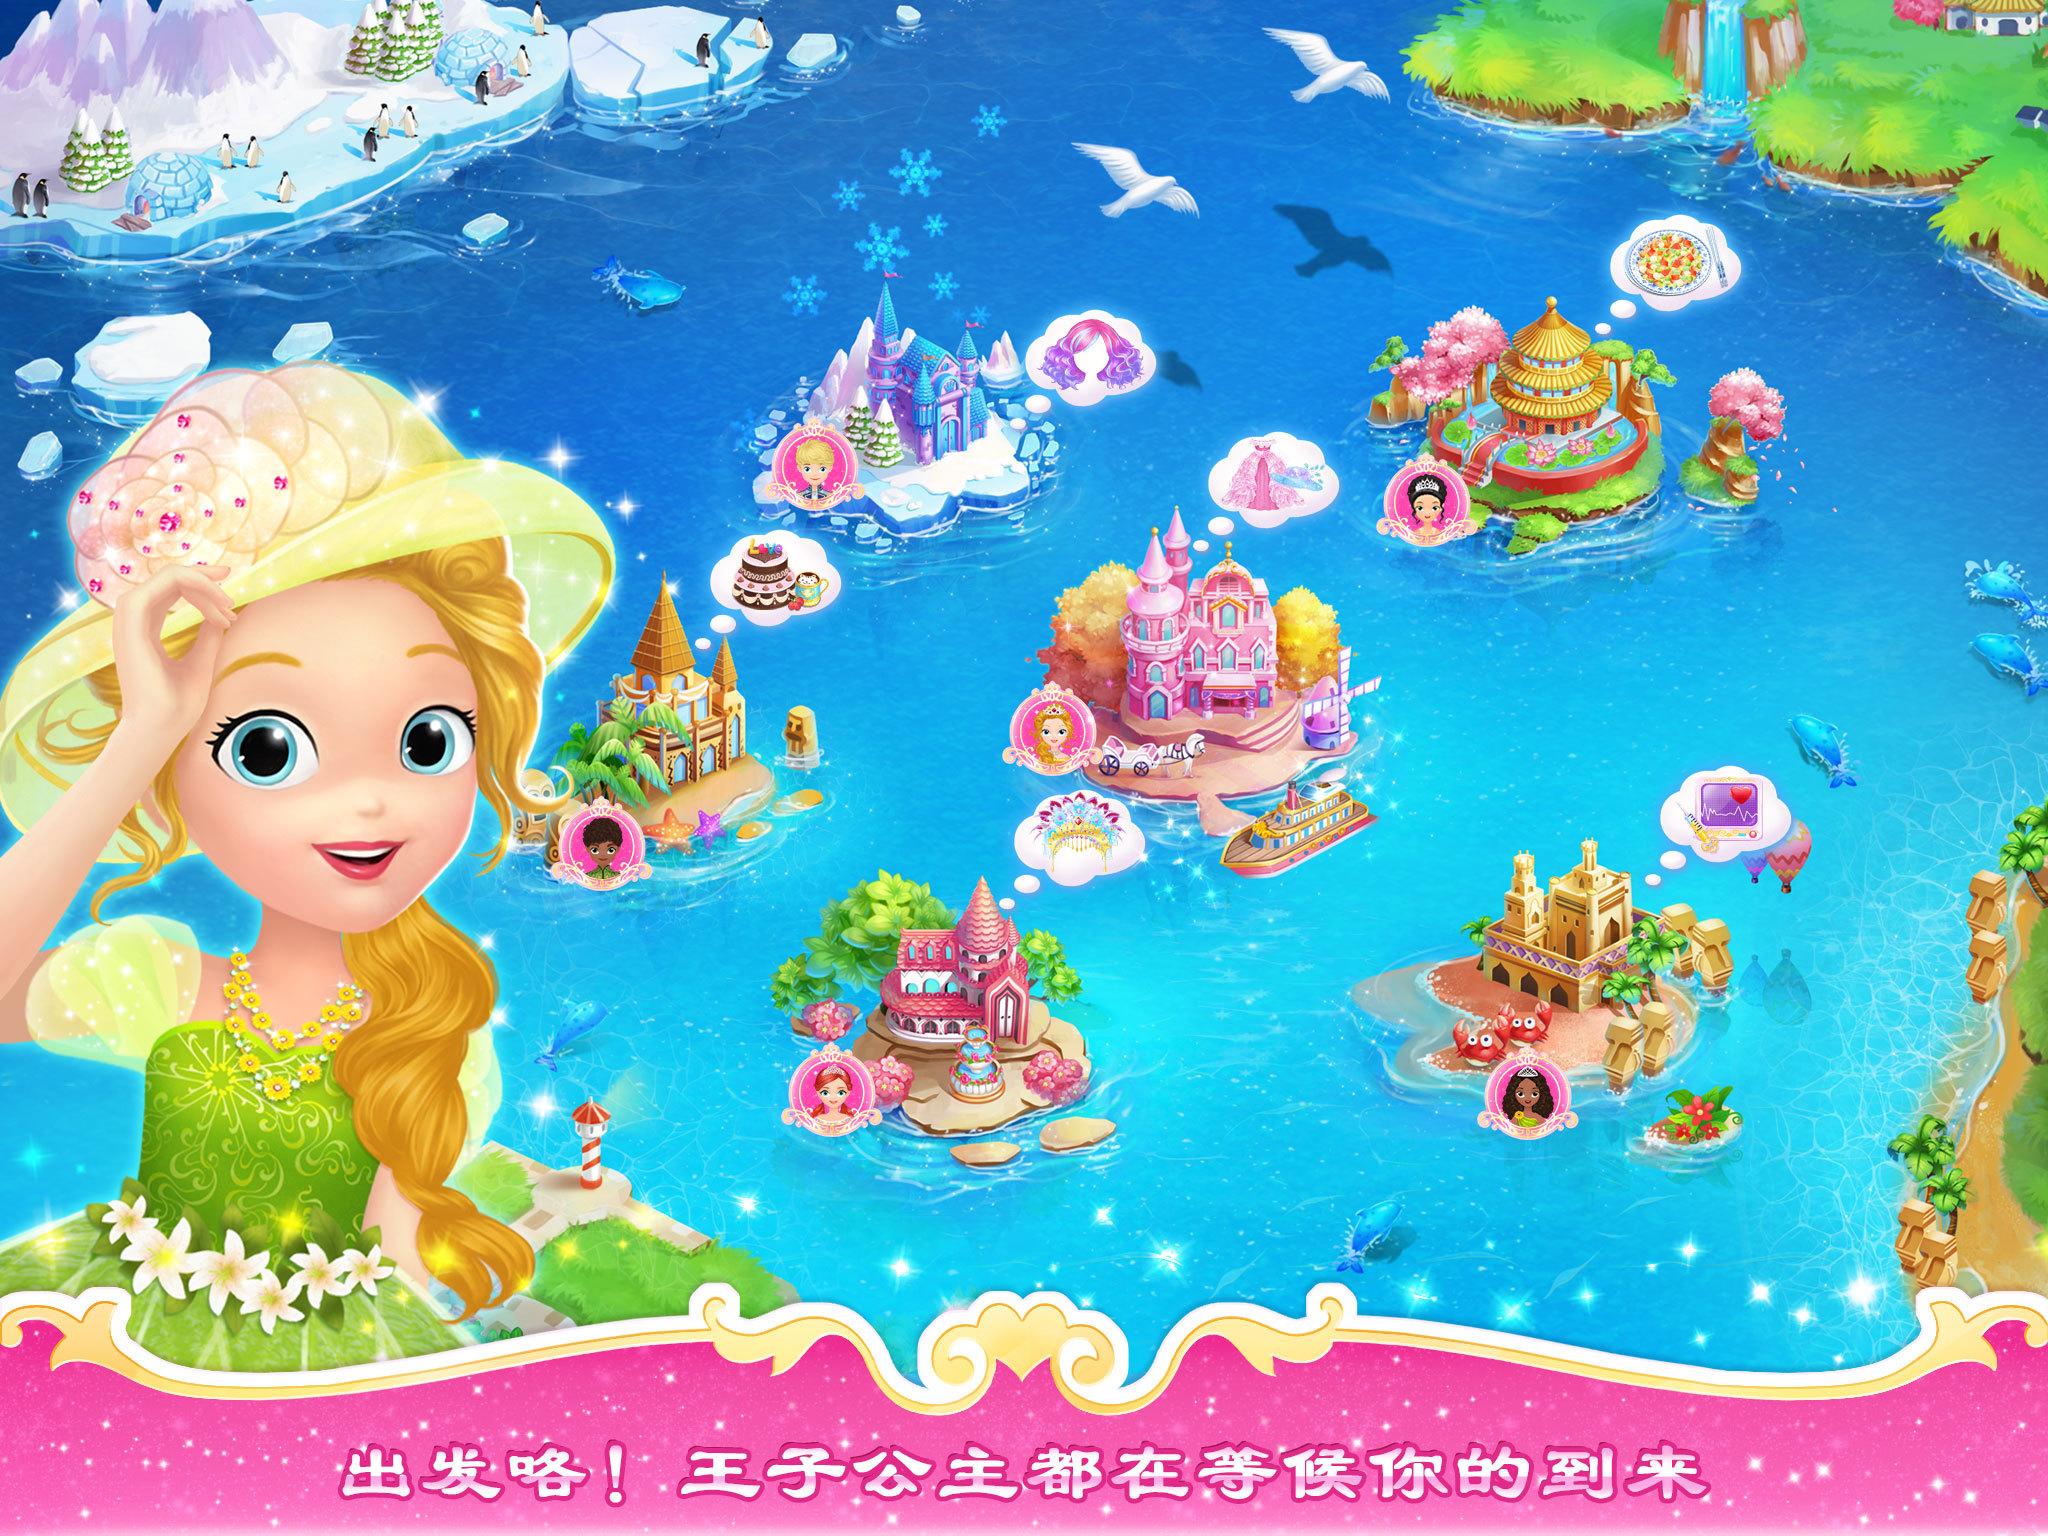 莉比小公主之环游世界破解版v1.4截图1